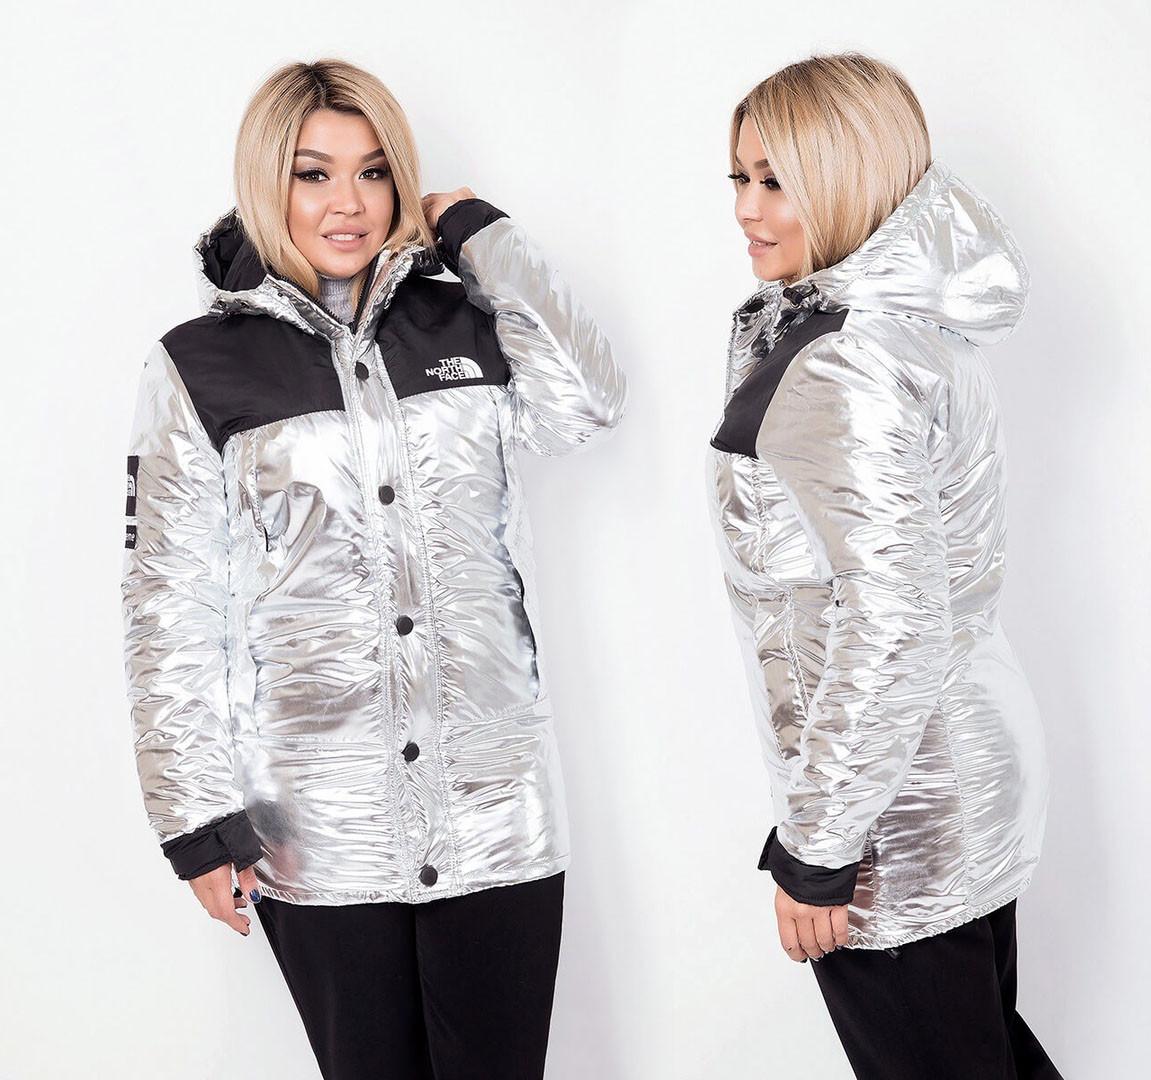 """Женская удлинённая тёплая куртка на синтепоне в больших размерах 6171 """"THE NORTH FACE"""""""